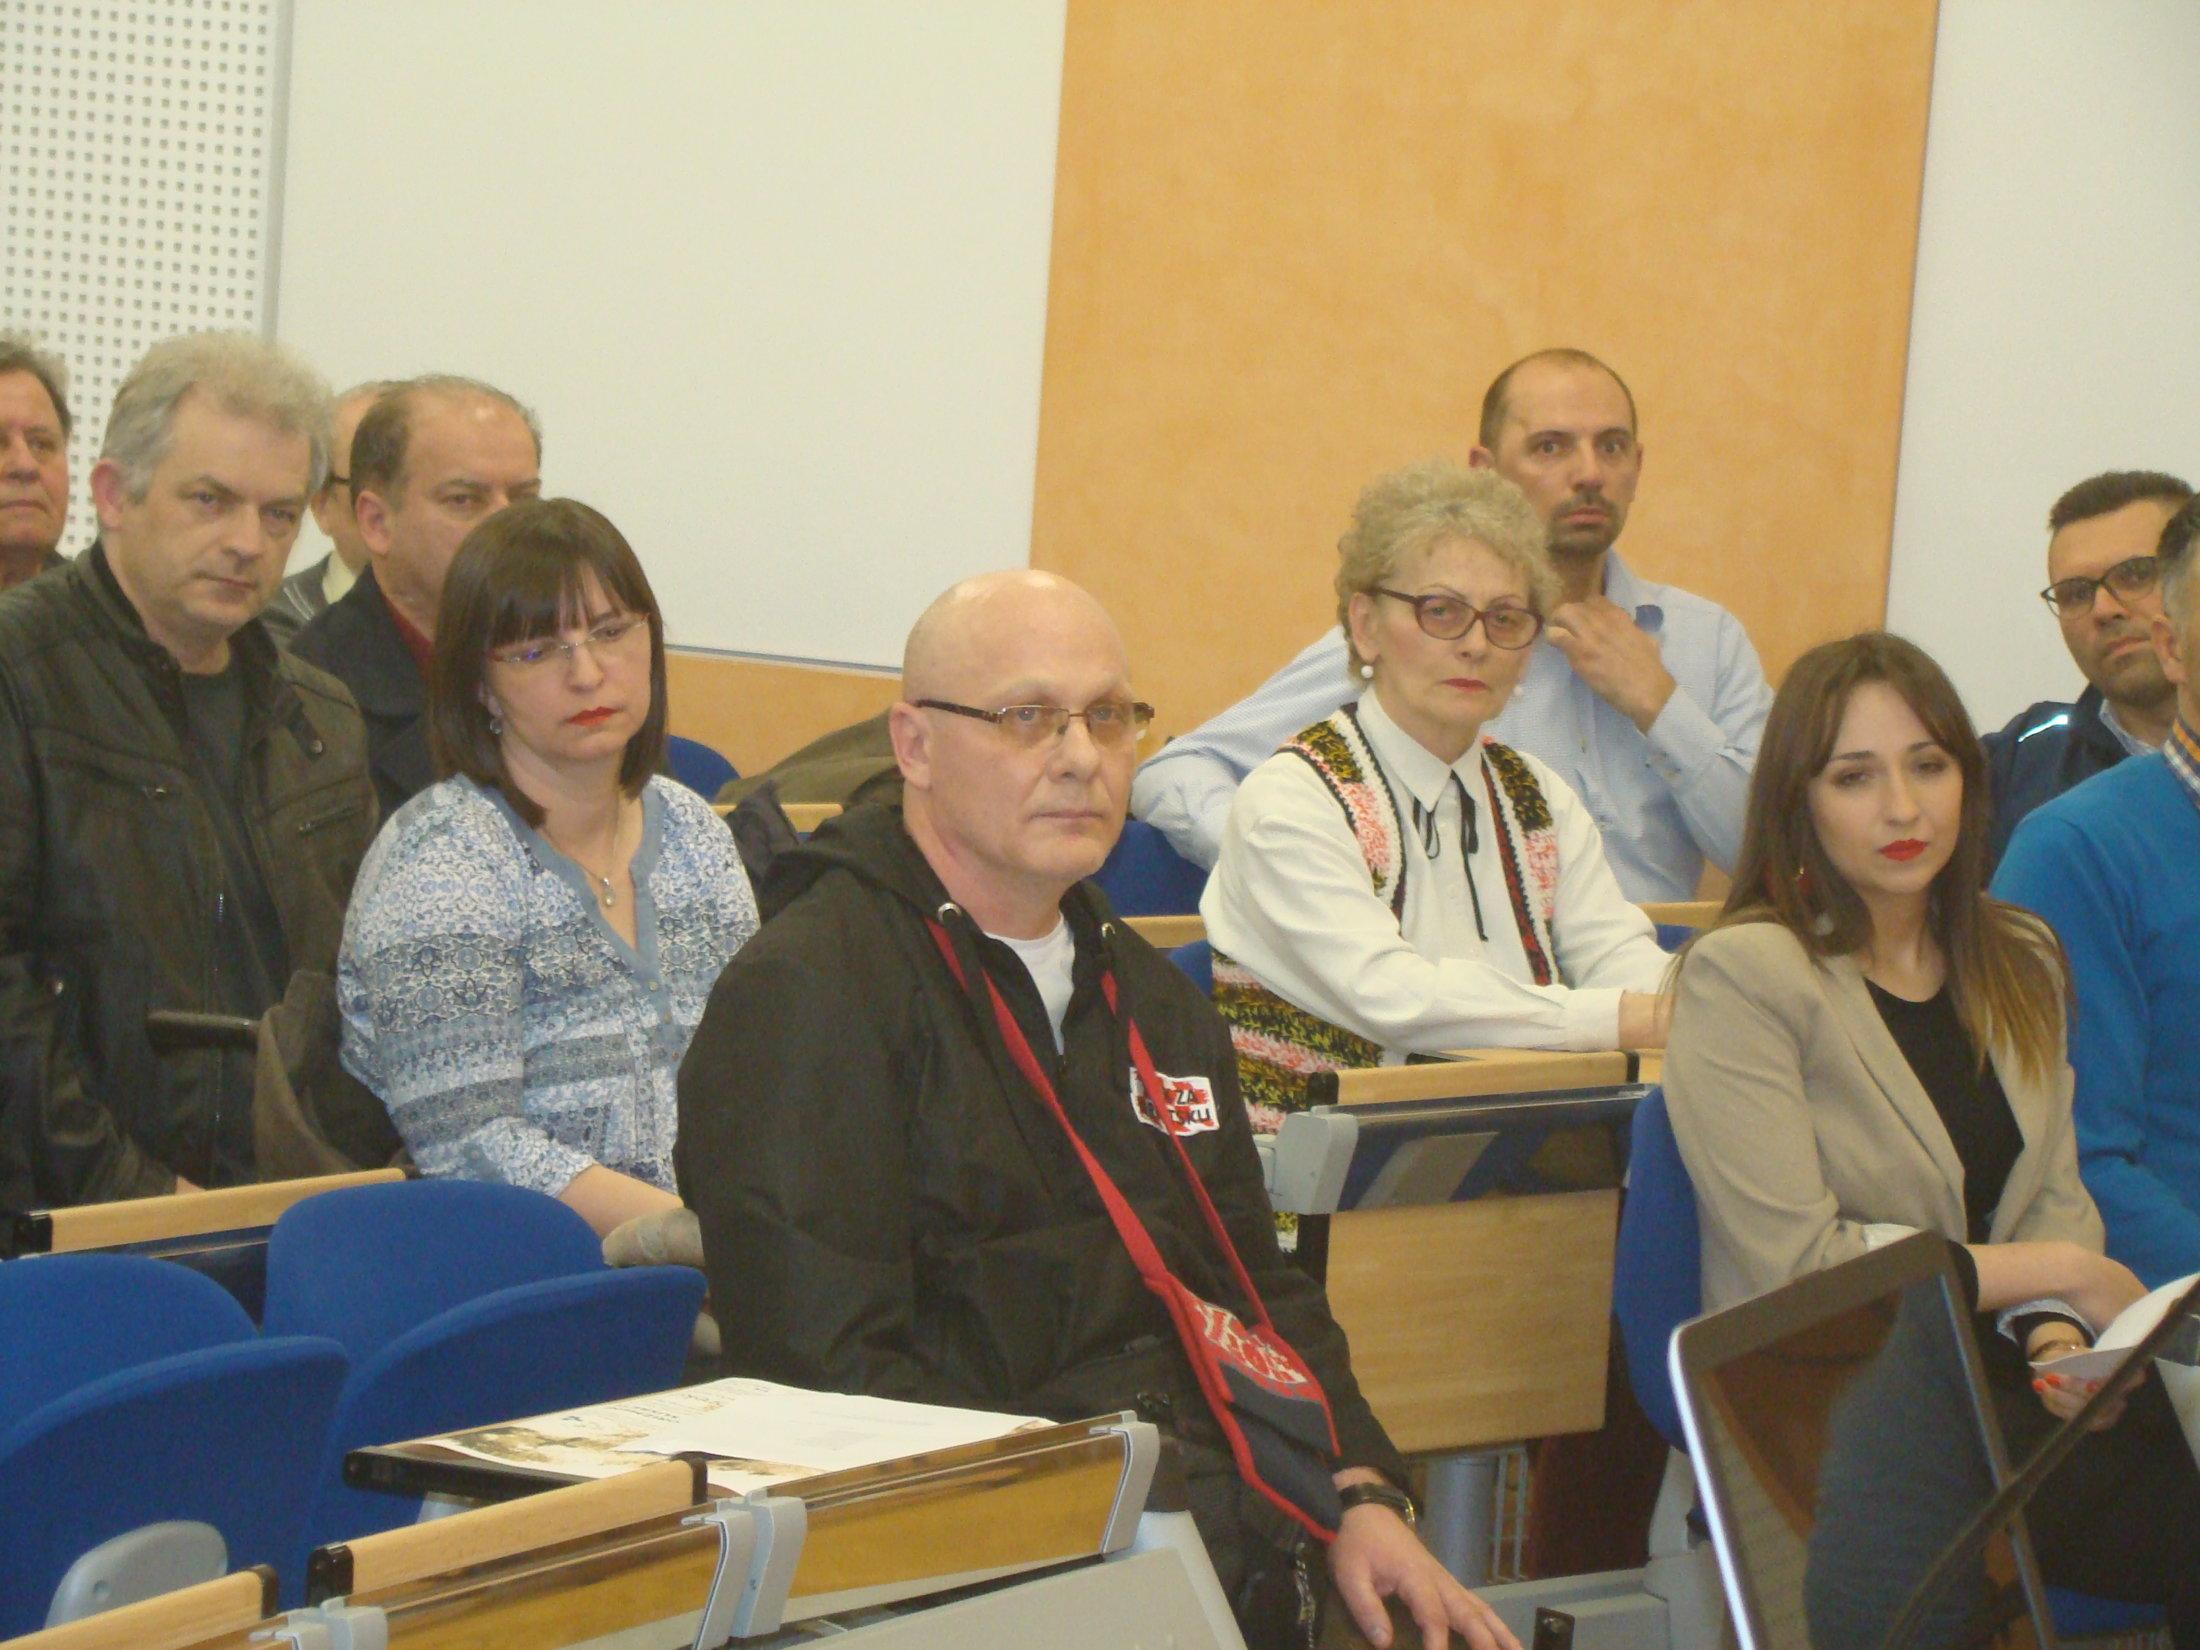 Marijan-Almaš-pogledao-je-film-sa-osječkom-publikom